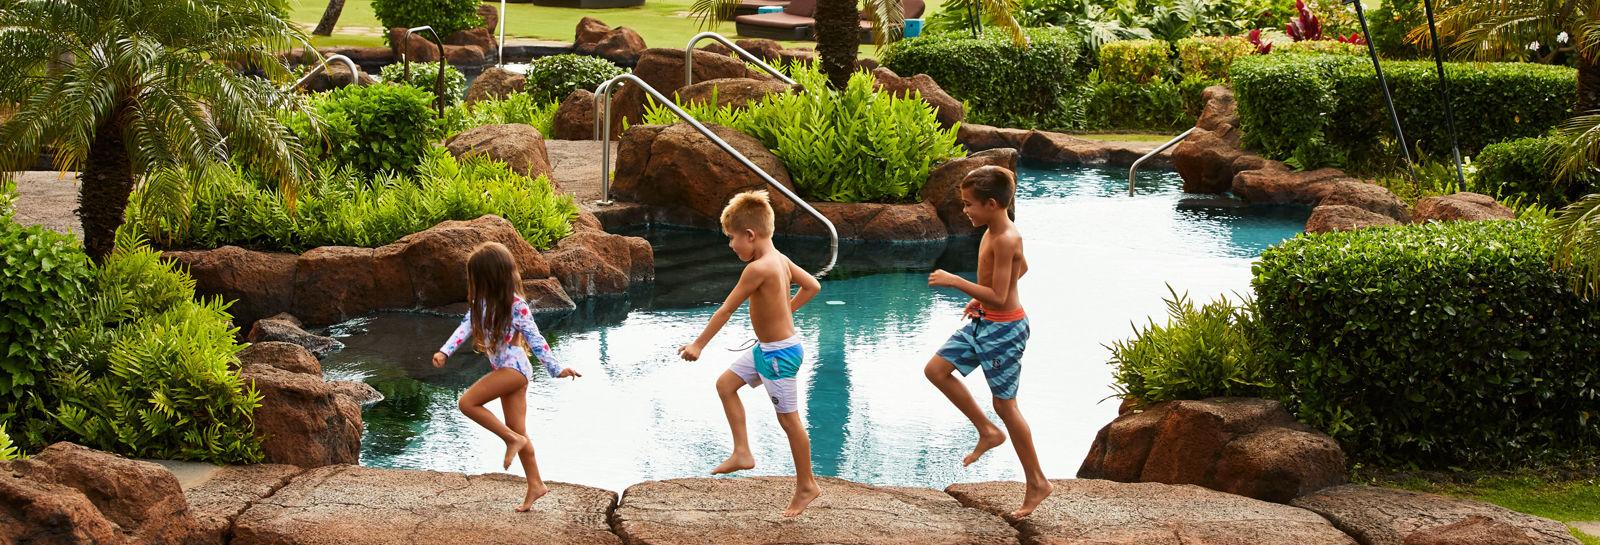 kauai resort pool